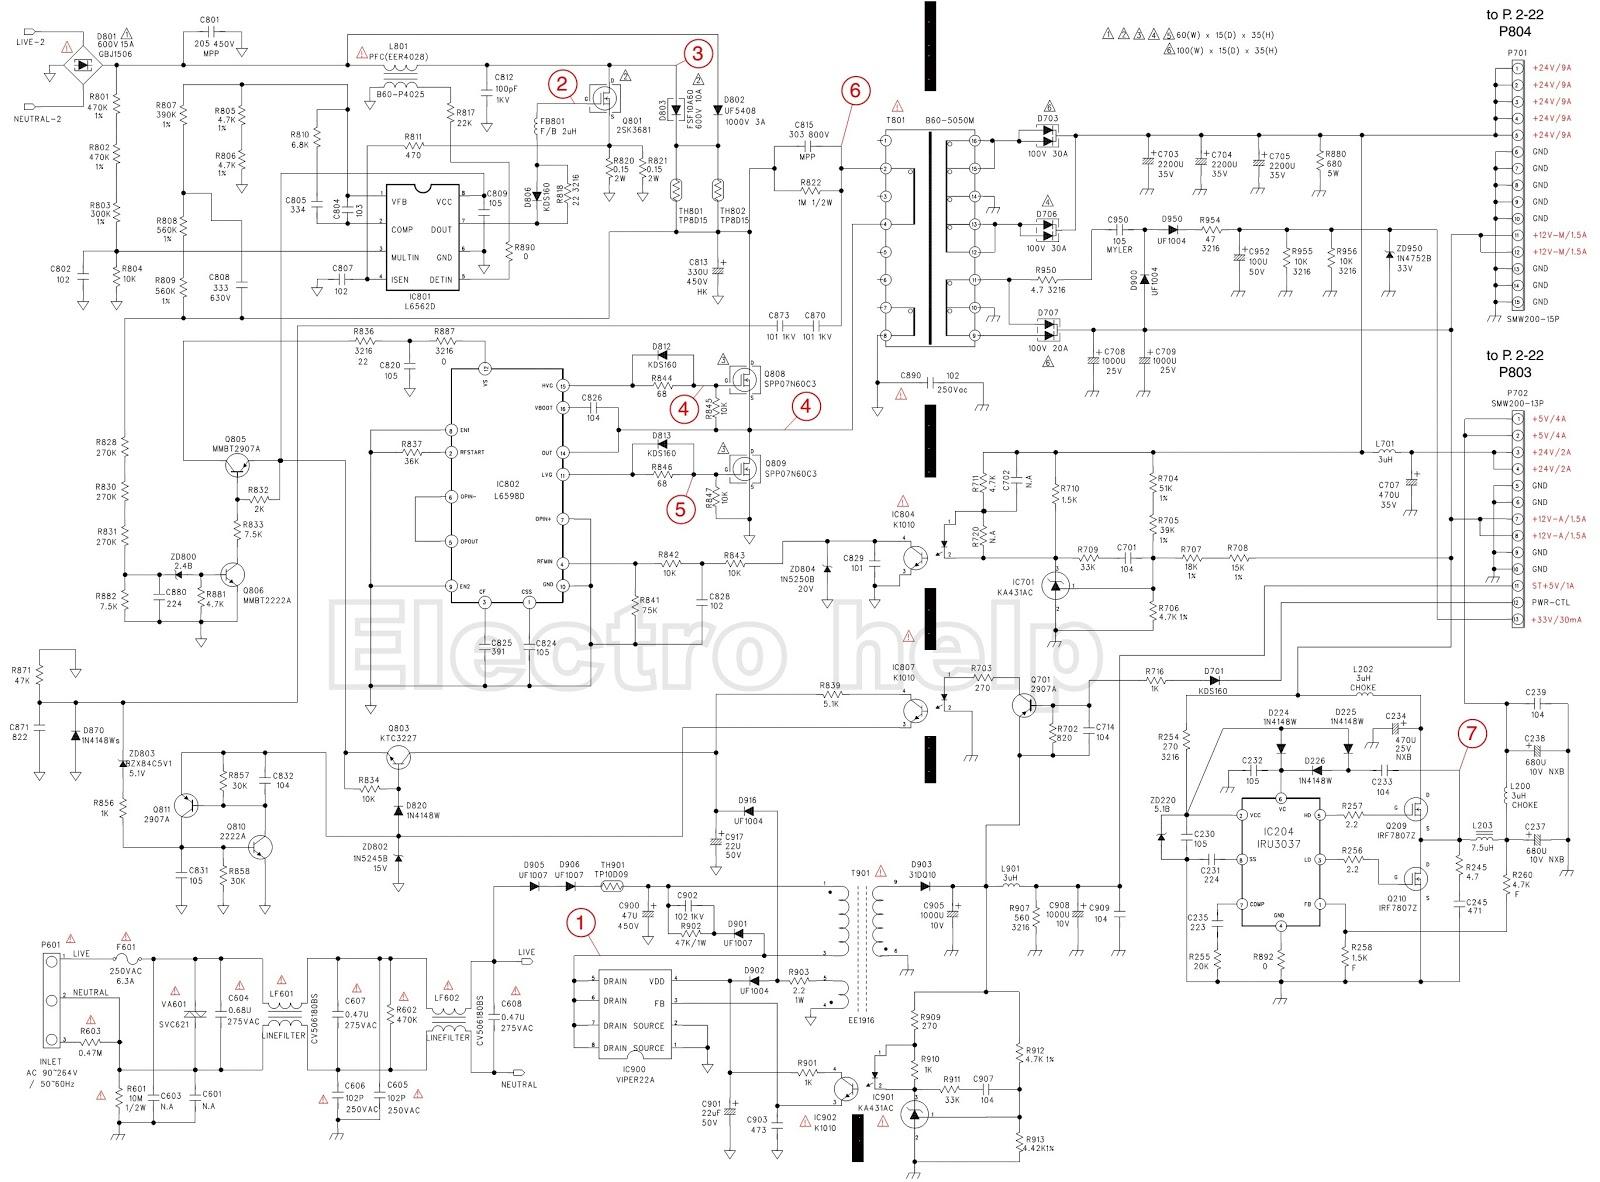 medium resolution of  westinghouse tv schematic circuit diagram on insignia tv schematic vizio tv schematic